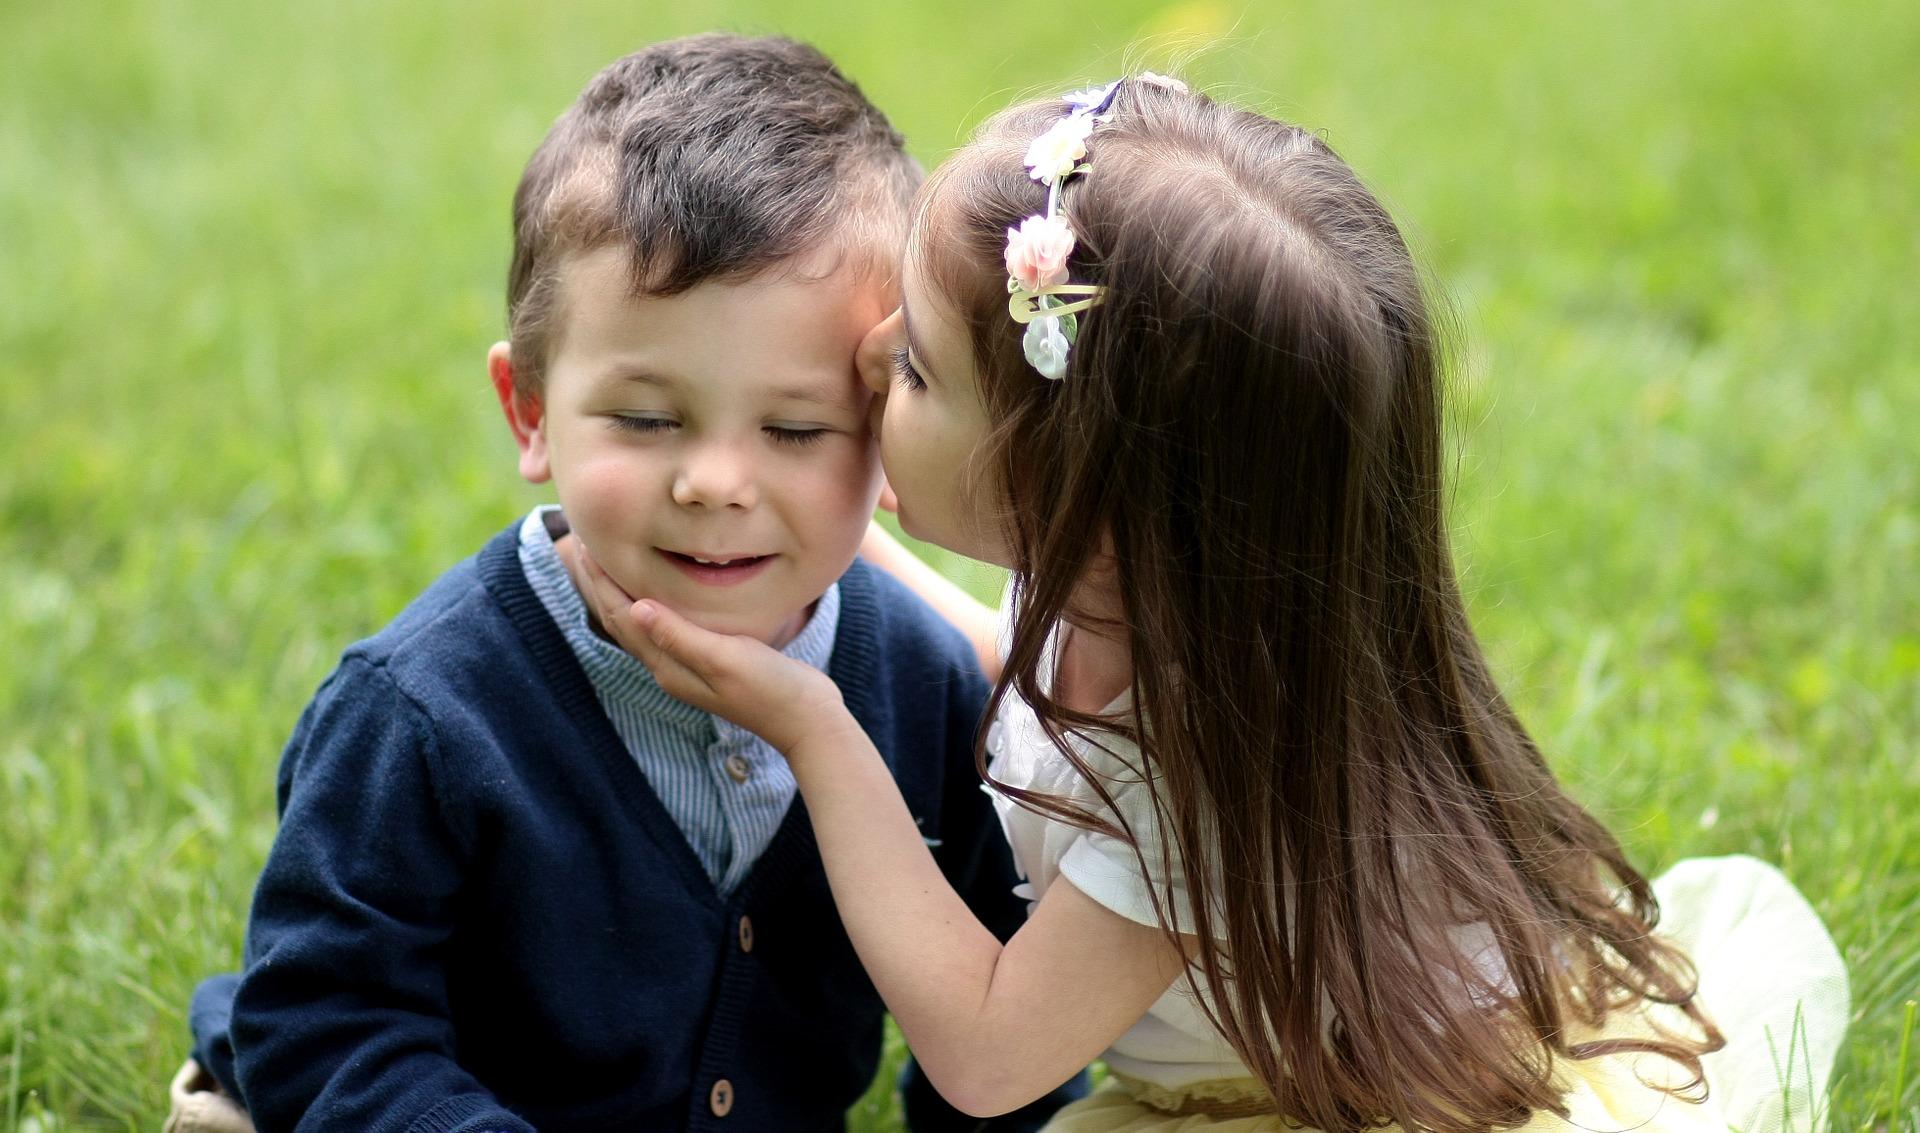 Дети целуются: картинки и фото дети целуются, скачать рисунок